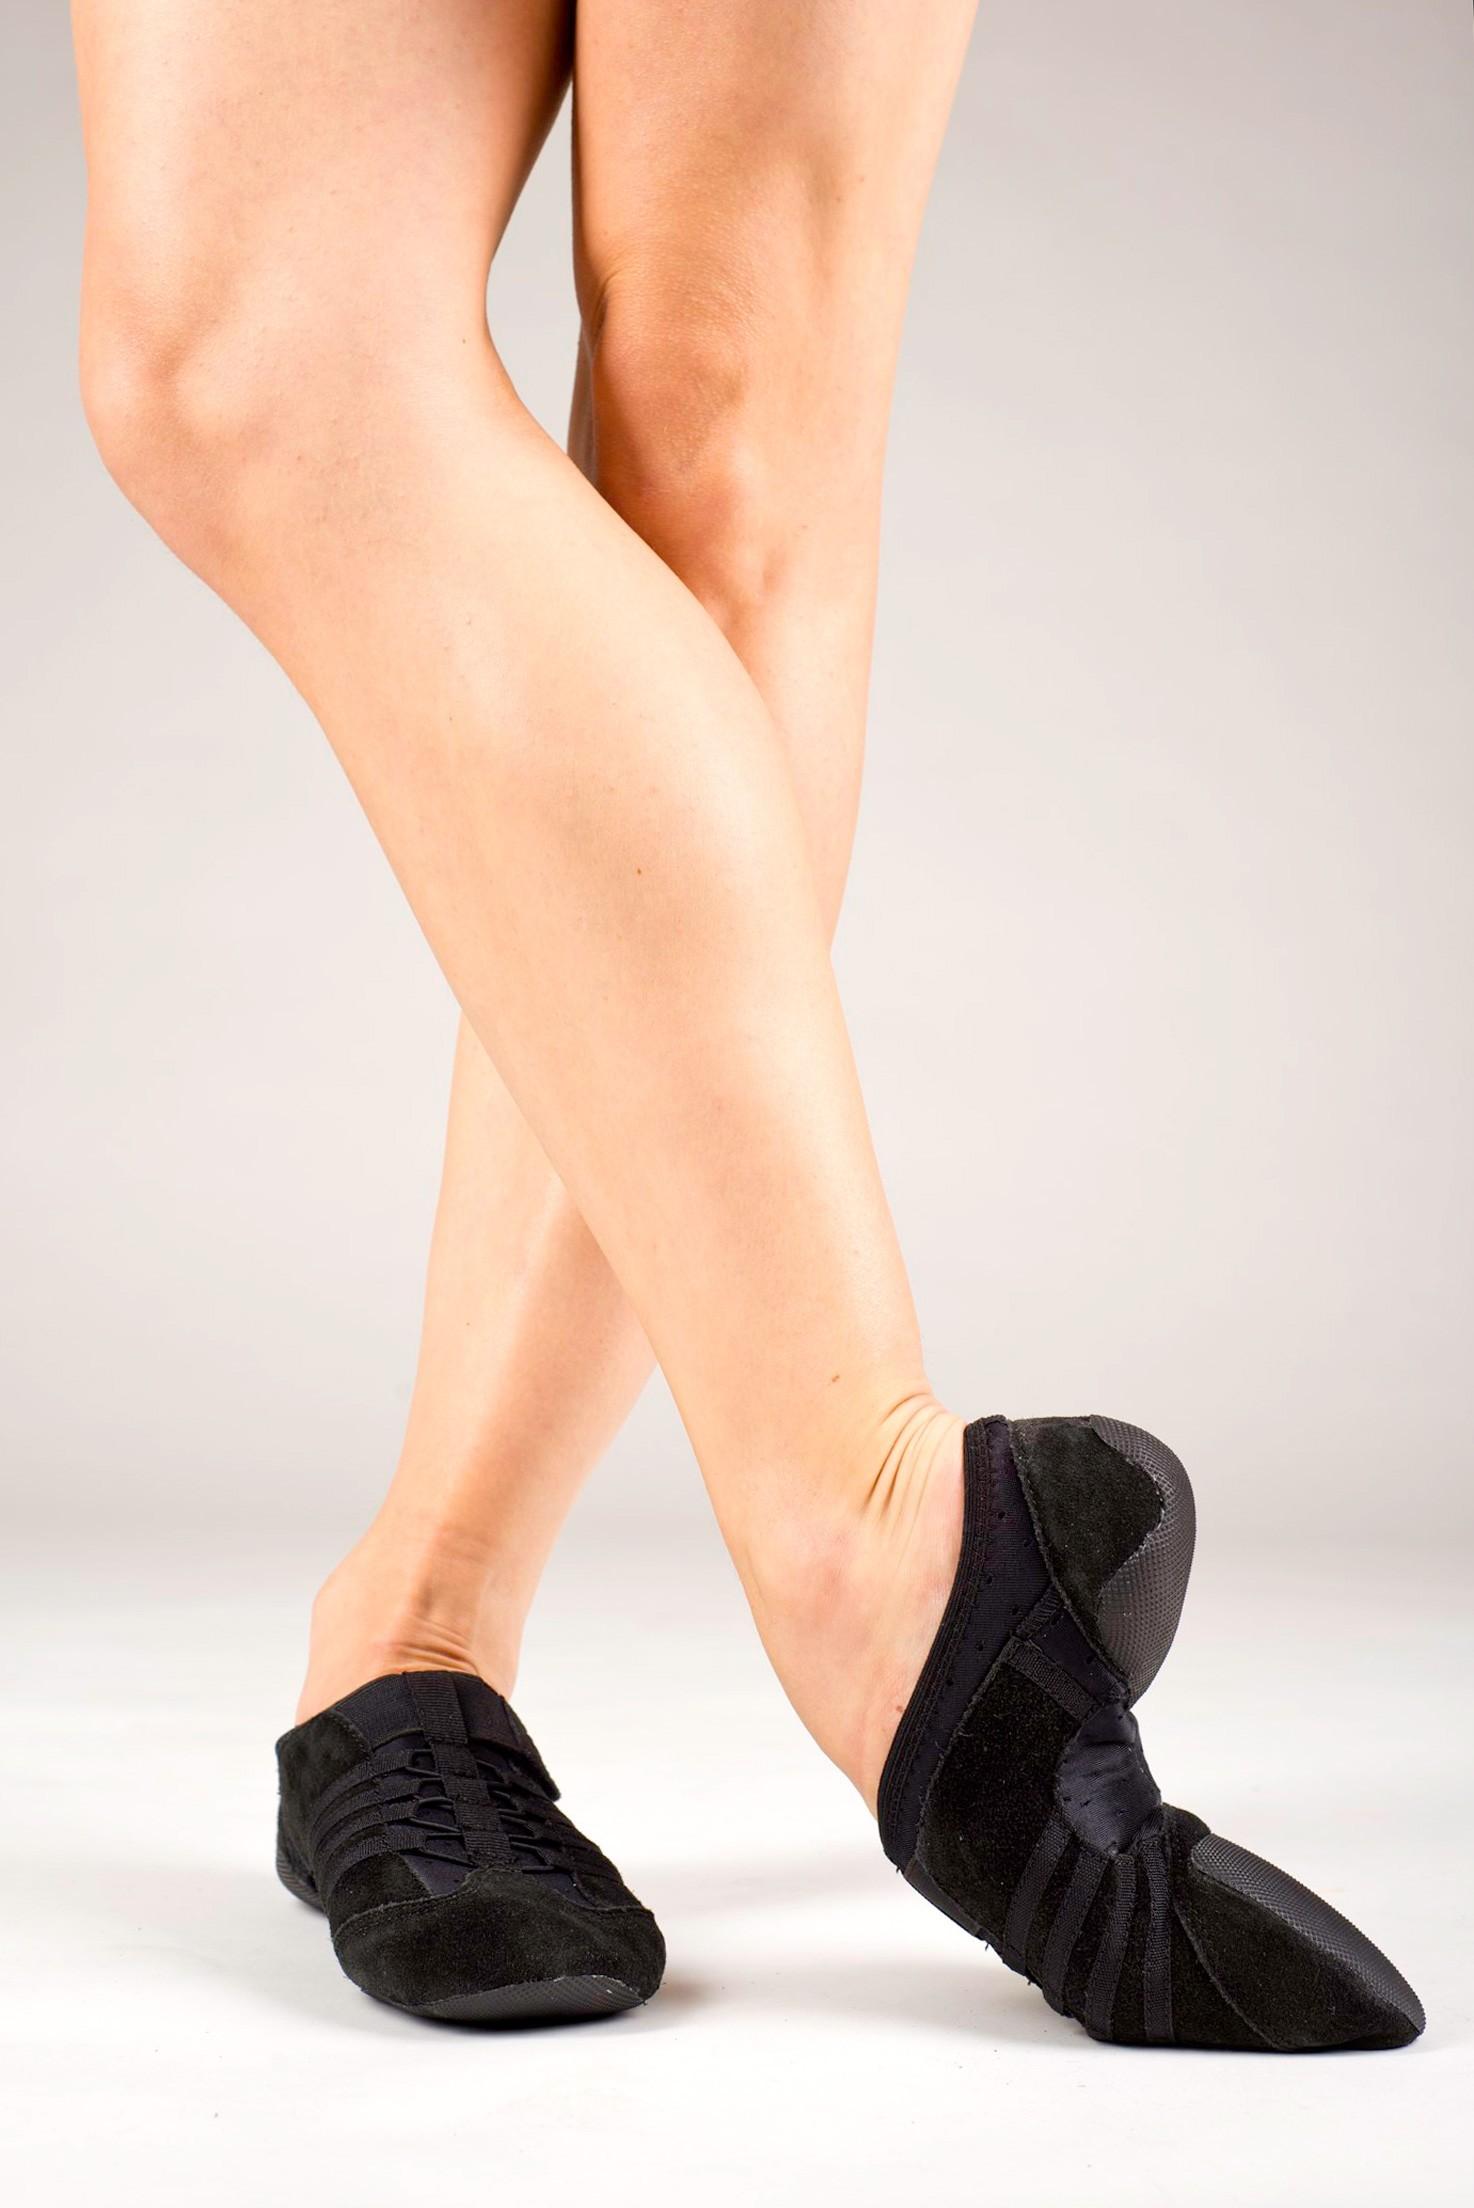 Chausson Danse chaussure de danse classique et moderne jazz femme - mademoiselle danse